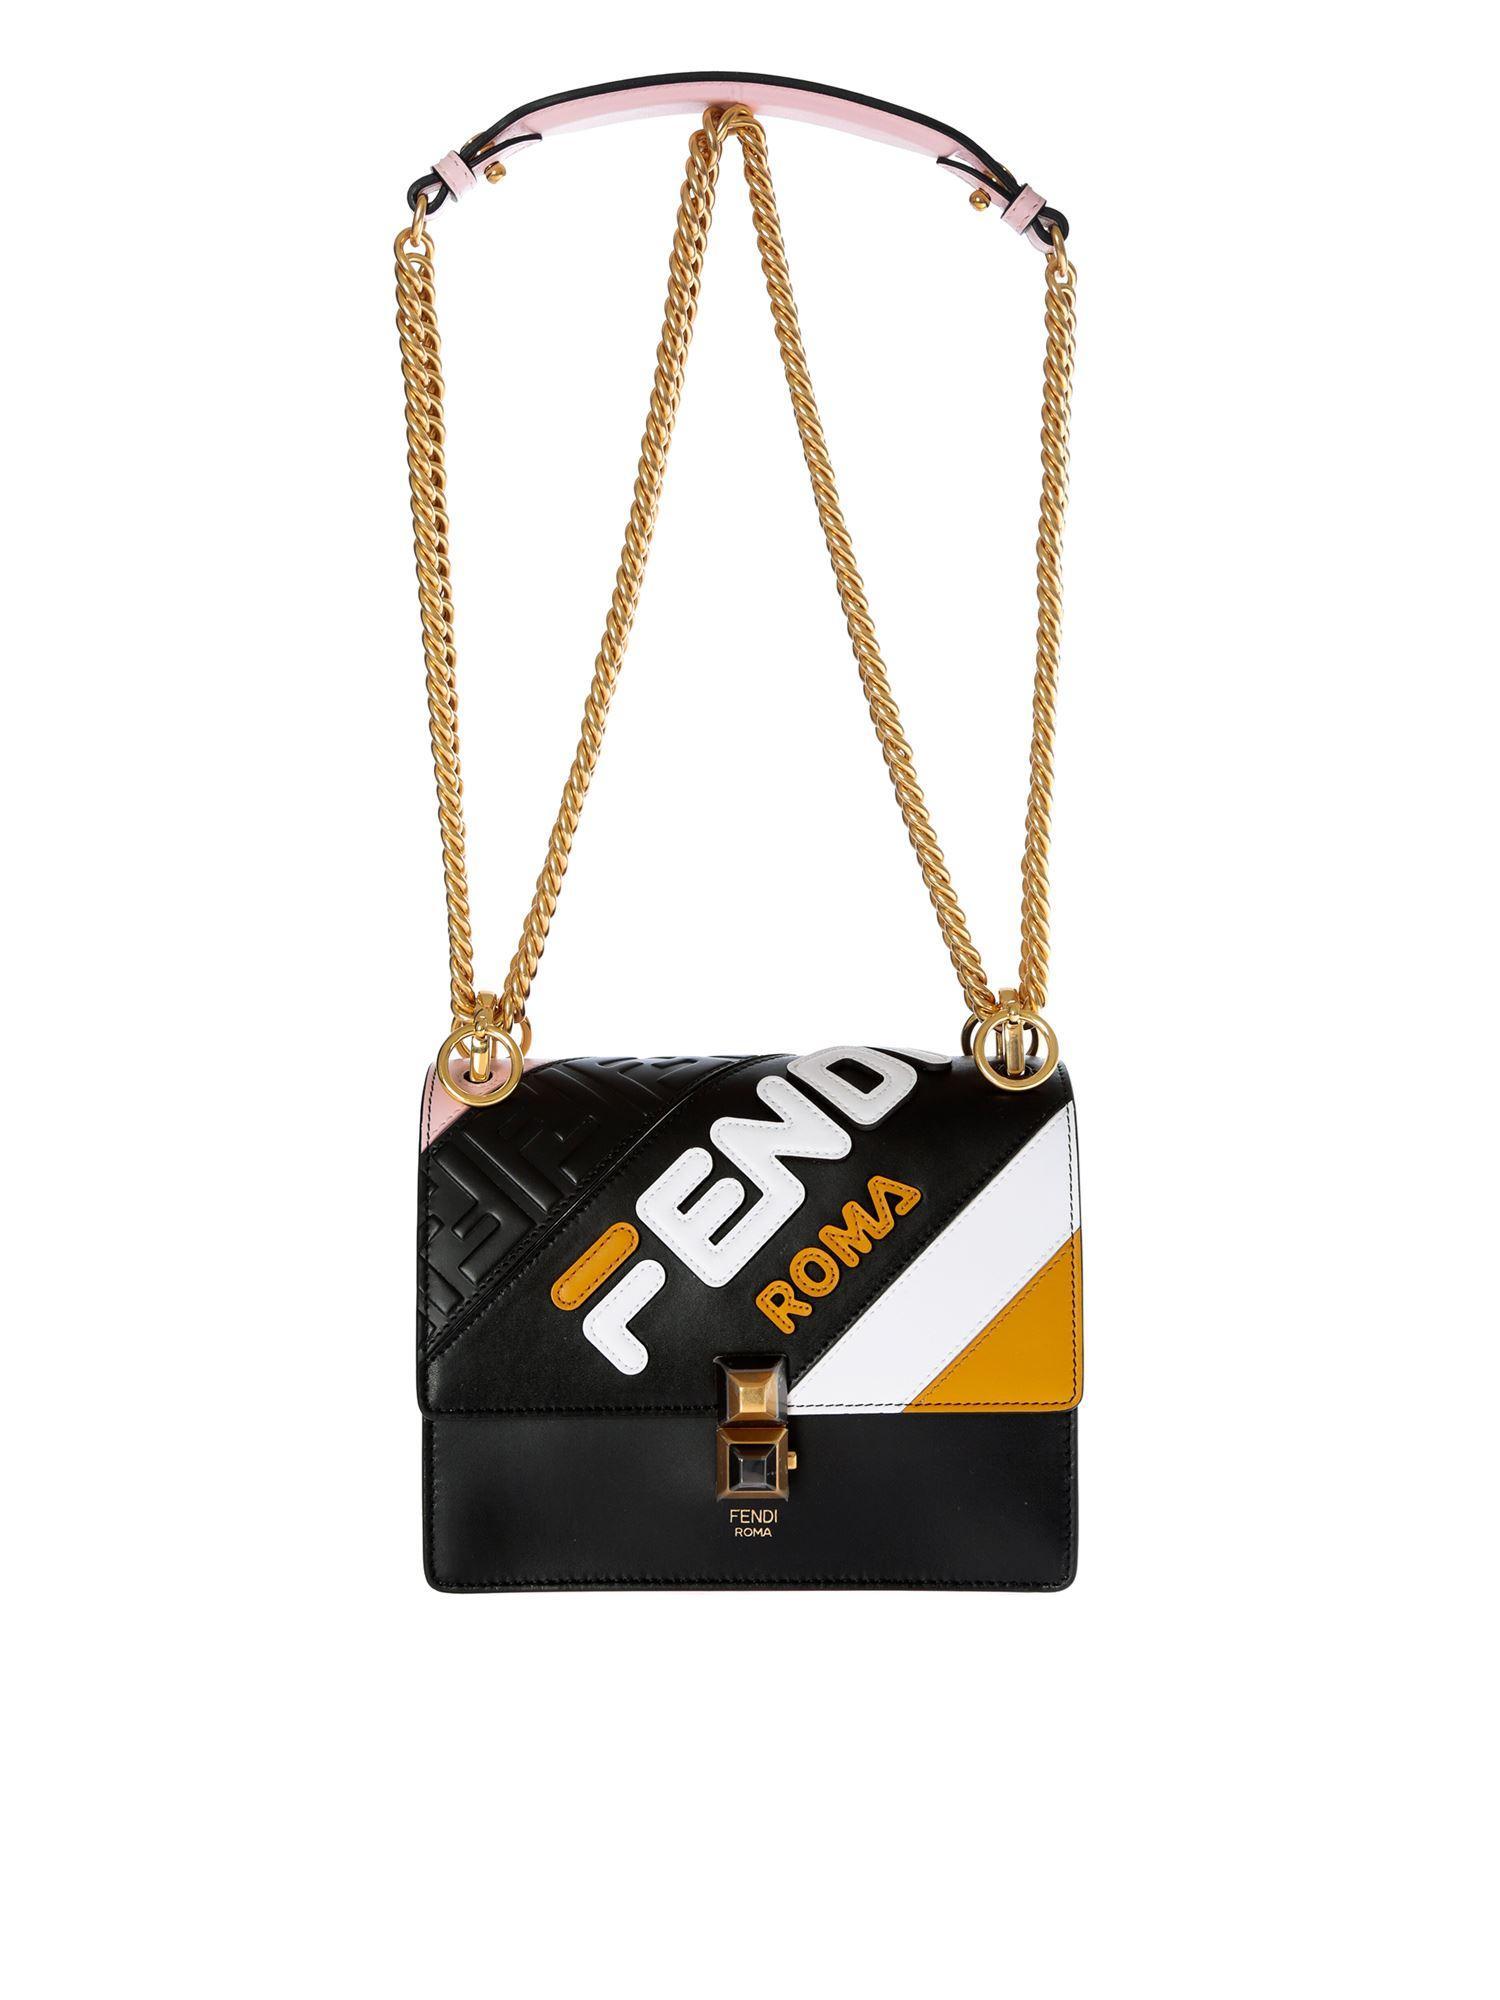 17f8029338d5 Fendi Kan I Small Black Bag in Black - Save 18% - Lyst